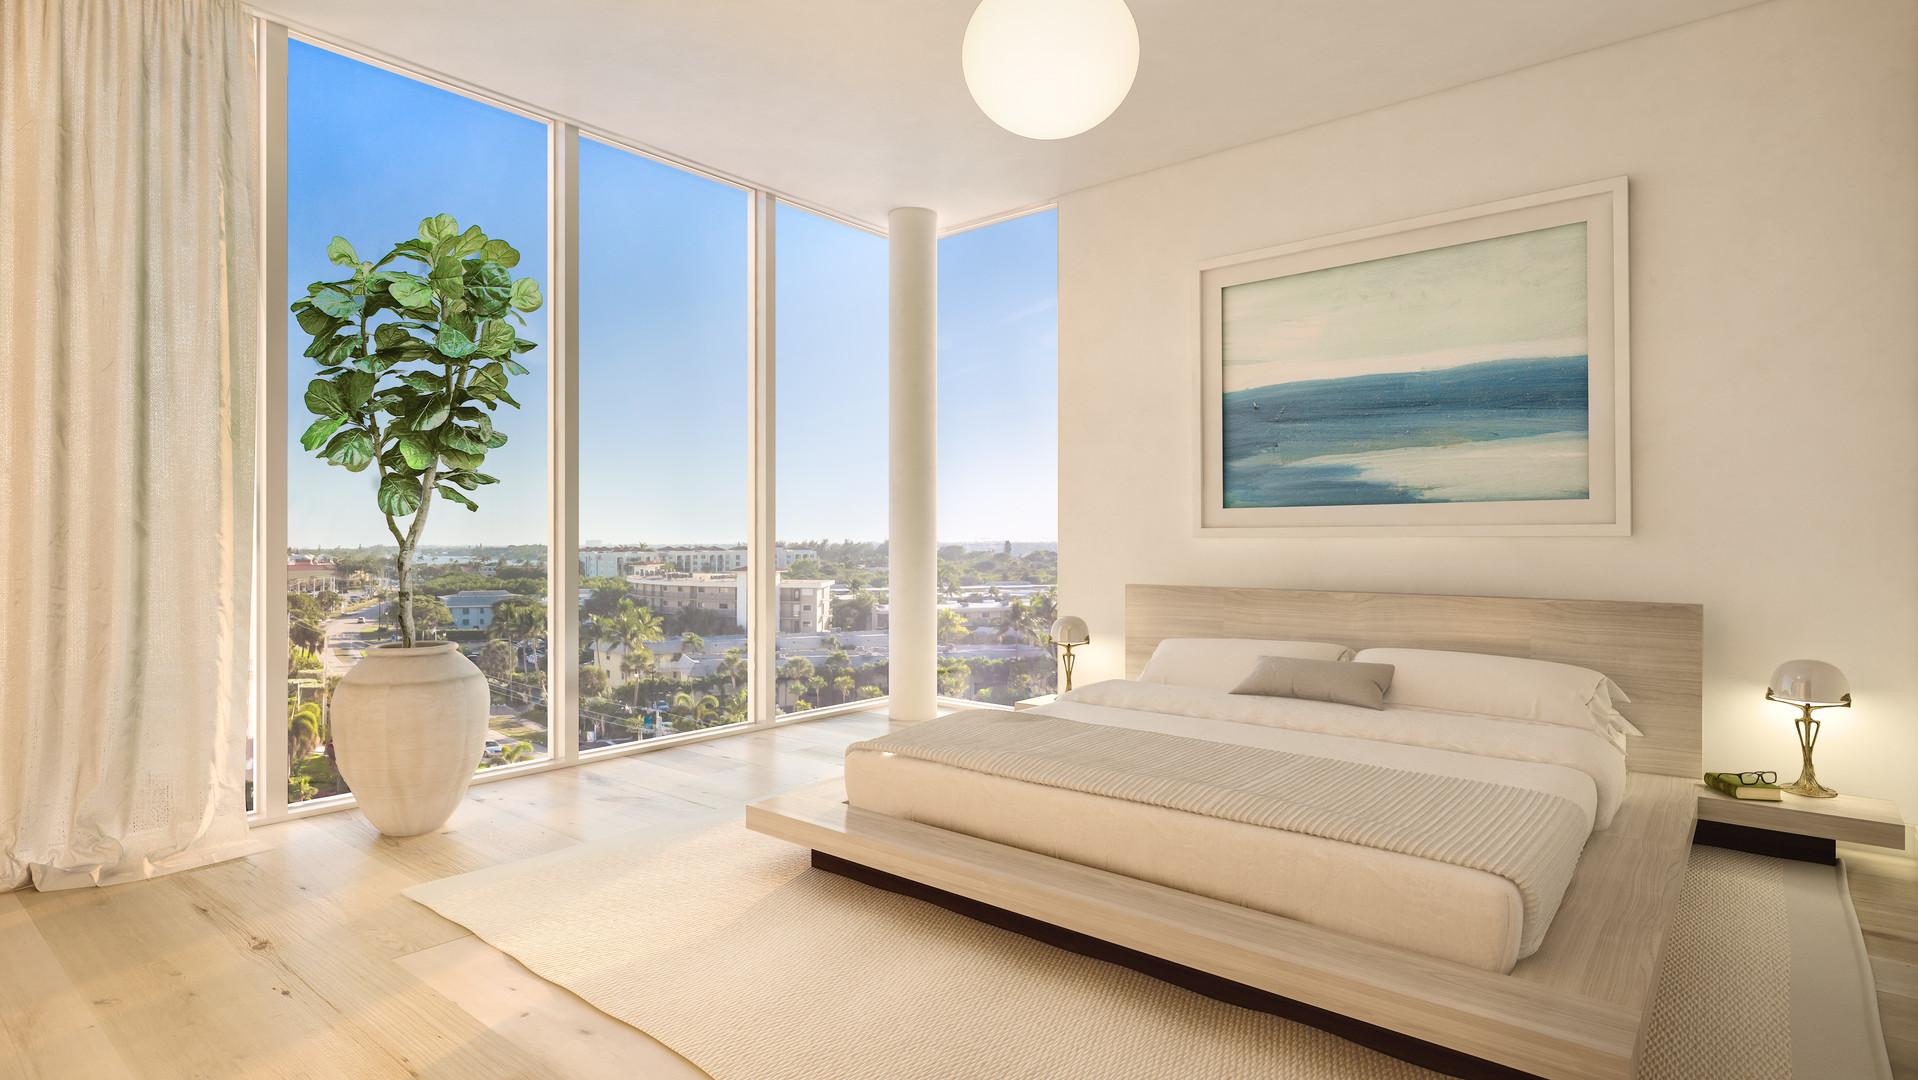 3550_Residence D_2nd Bedroom.jpg